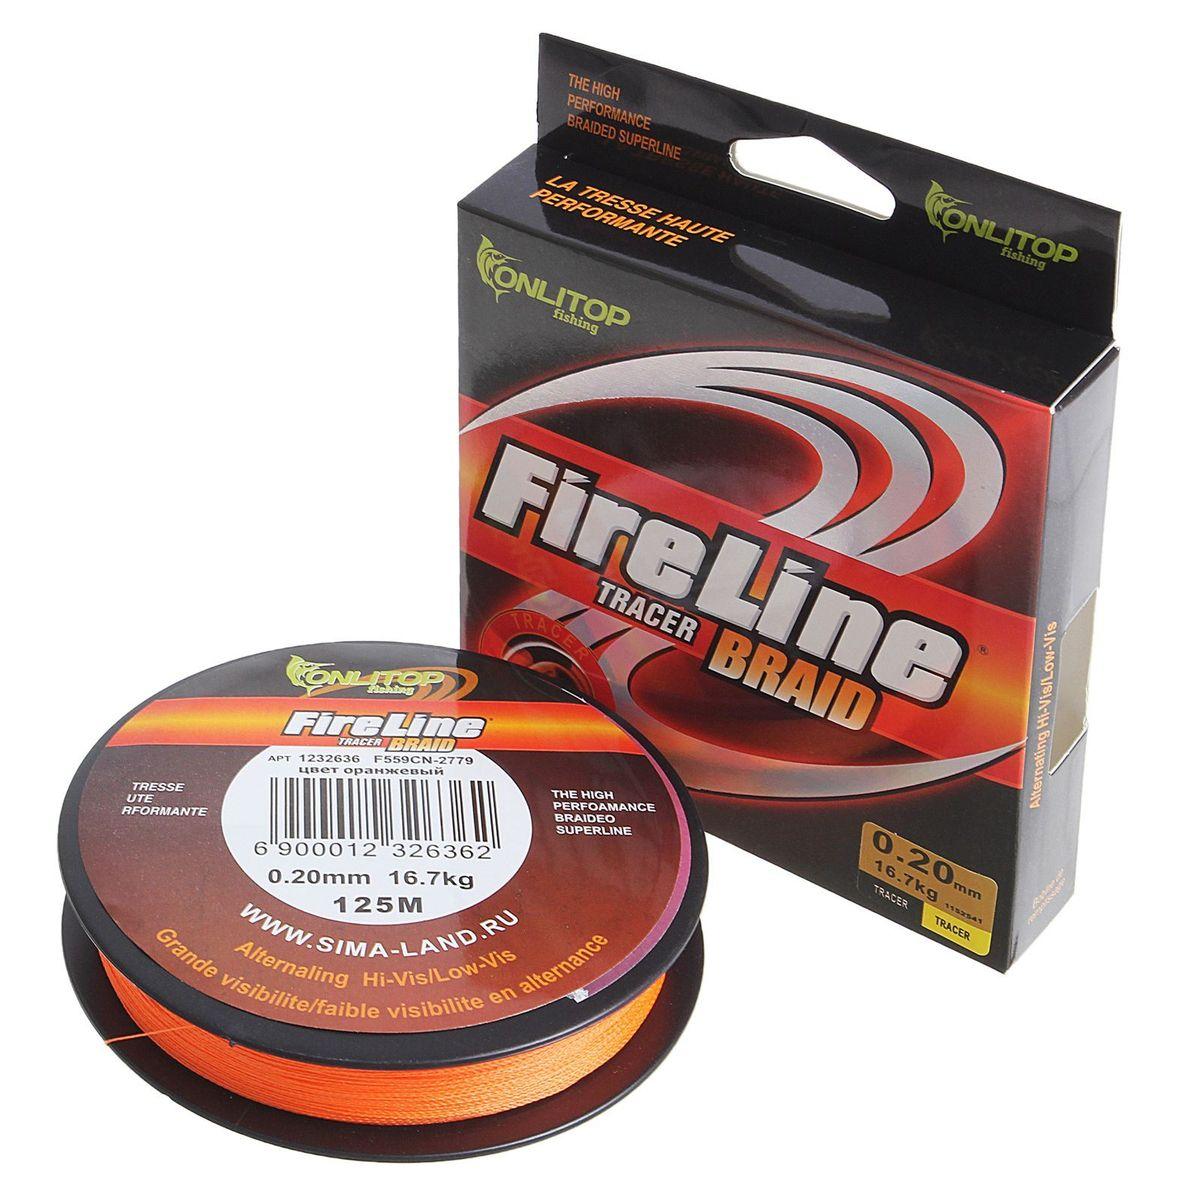 Плетеный шнур Onlitop Easy Cast, толщина 0,20 мм, длина 125 м, цвет: оранжевый1232636Особенности Шнур Easy Cast : низкая цена шнура; низкая гигроскопичность (не впитывает воду); положительная плавучесть; устойчивость к соленой воде (шнуры для морской рыбалки); устойчивость к агрессивным средам; не теряет свойств до 80 градусов Цельсия ; широкая гамма цветов.